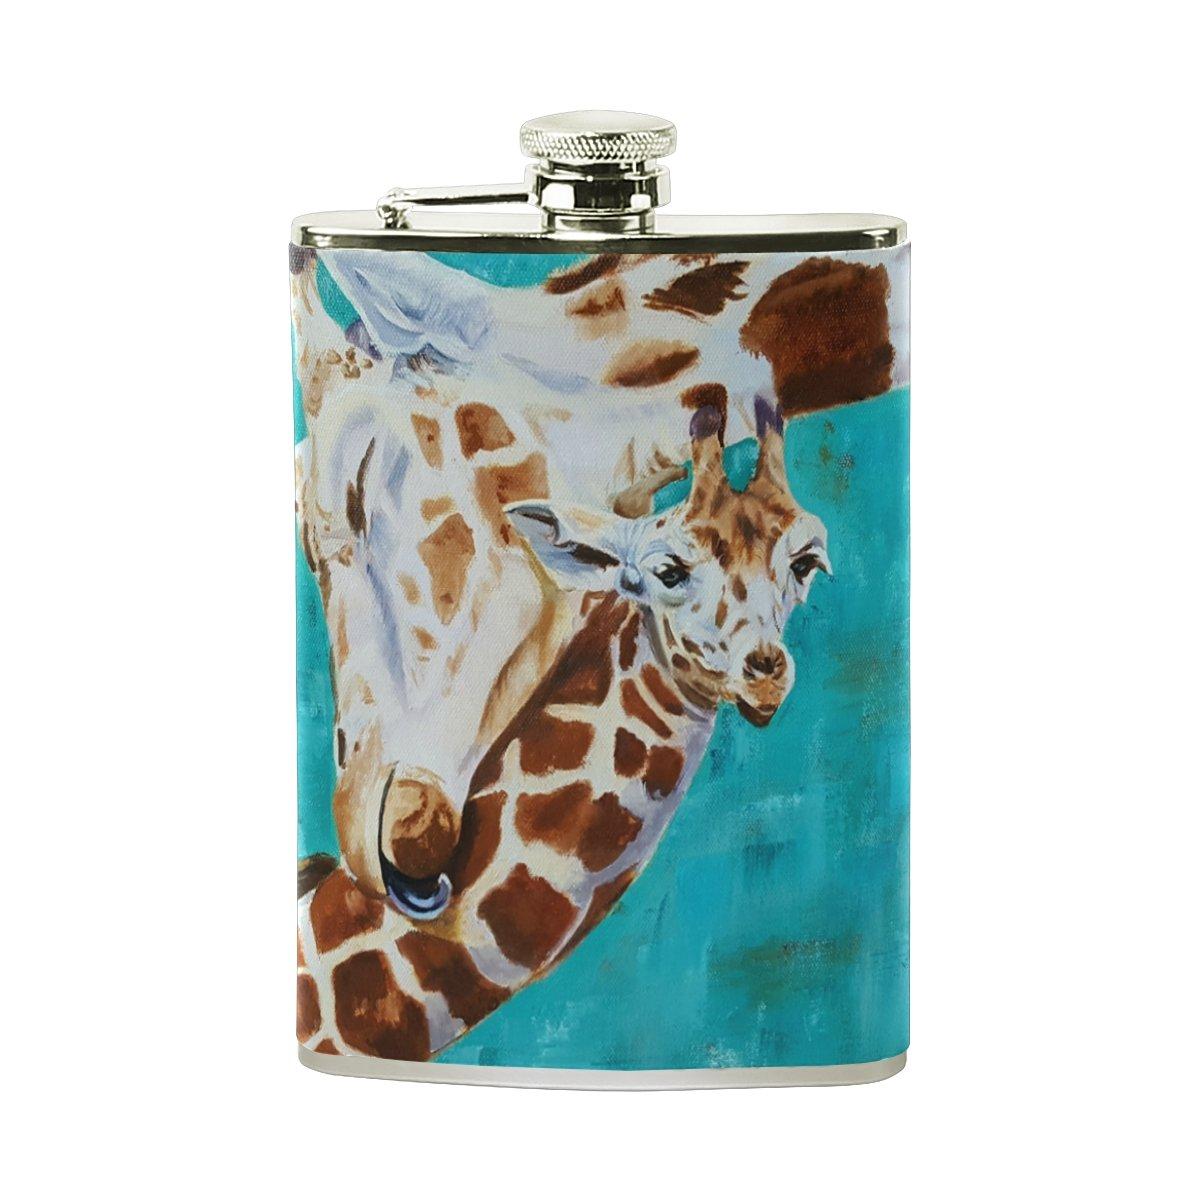 【レビューを書けば送料当店負担】 deyyaメンズGiraffe with Glassesステンレス鋼ポケットヒップフラスコワインウイスキーポットDrinking Spirits B0794ZQF1T Liquor with Spirits One Size Multi#003 B0794ZQF1T, カナザワシ:35ea06b3 --- a0267596.xsph.ru